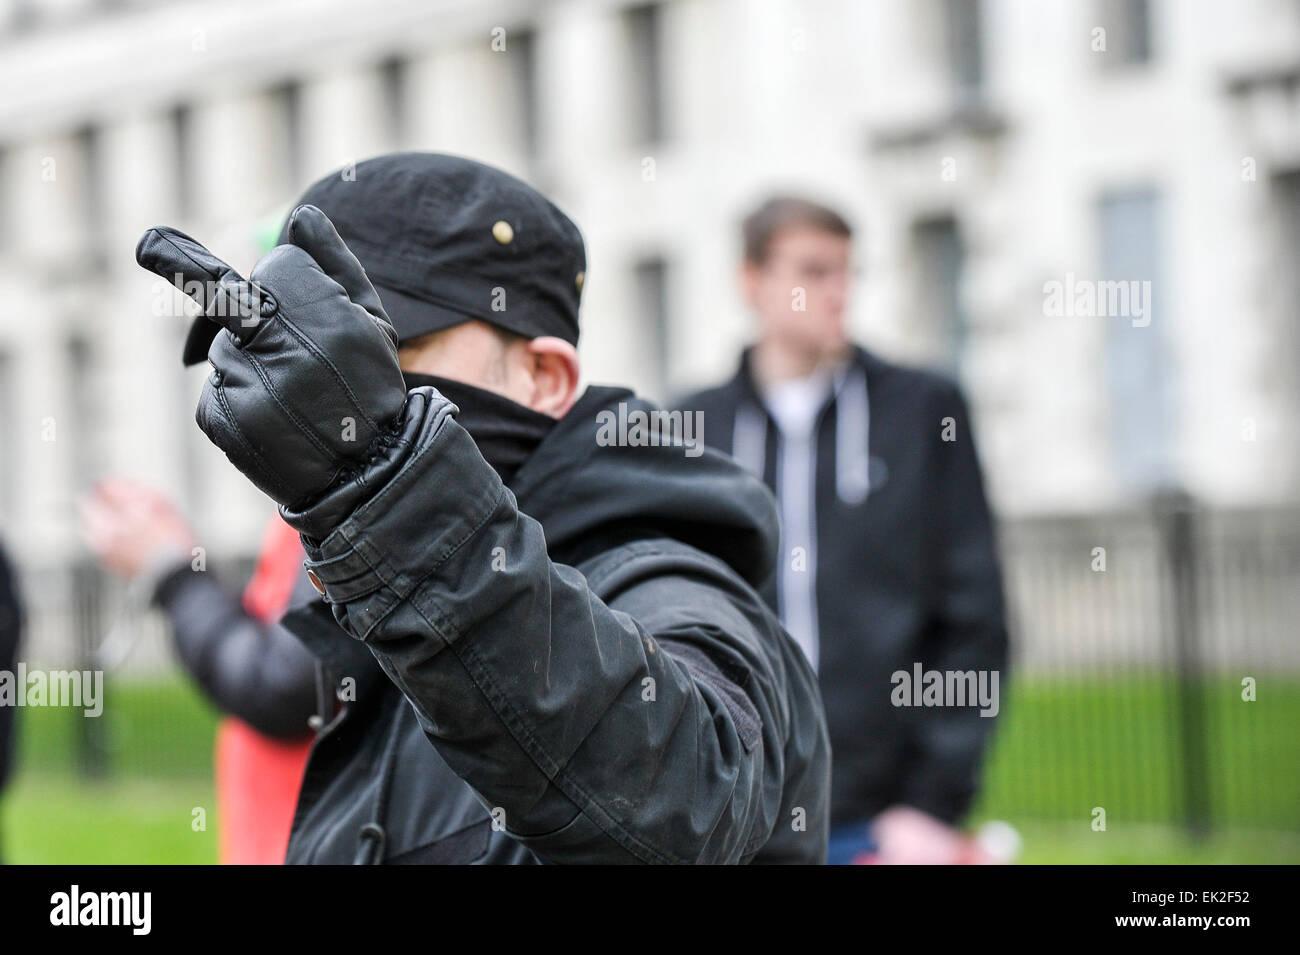 Antifaschisten zeigt seine Verachtung während einer Demonstration gegen Pergida in Whitehall. Stockbild